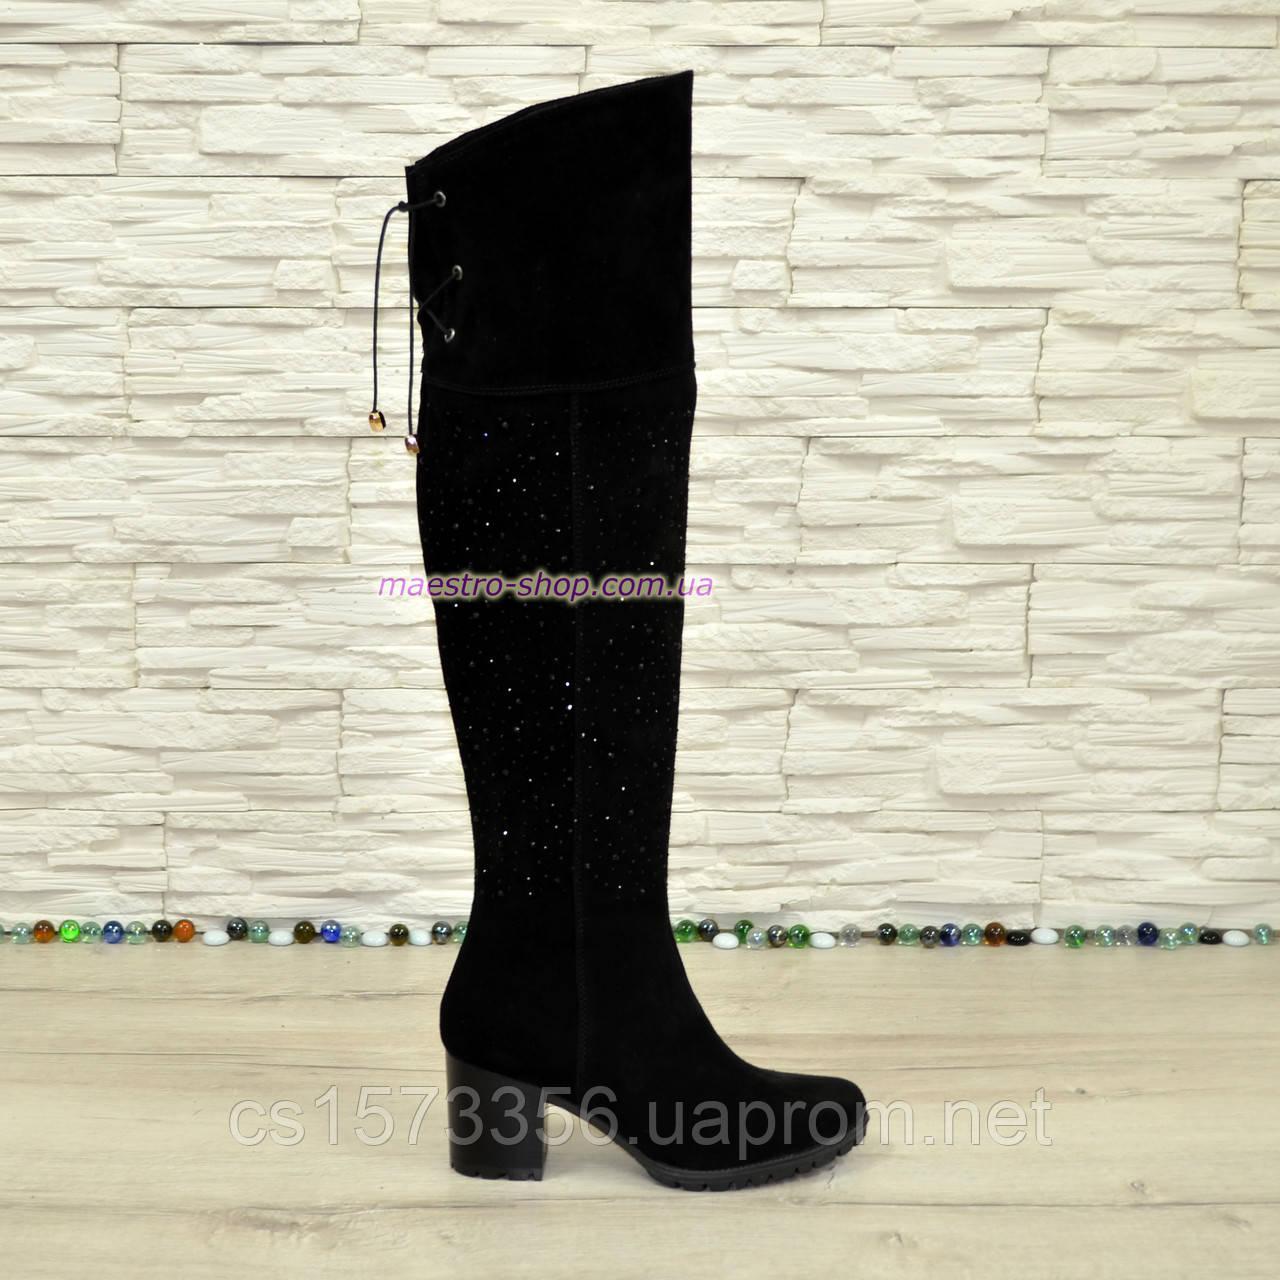 Ботфорты демисезонные замшевые черного цвета, декорированы накаткой камней.